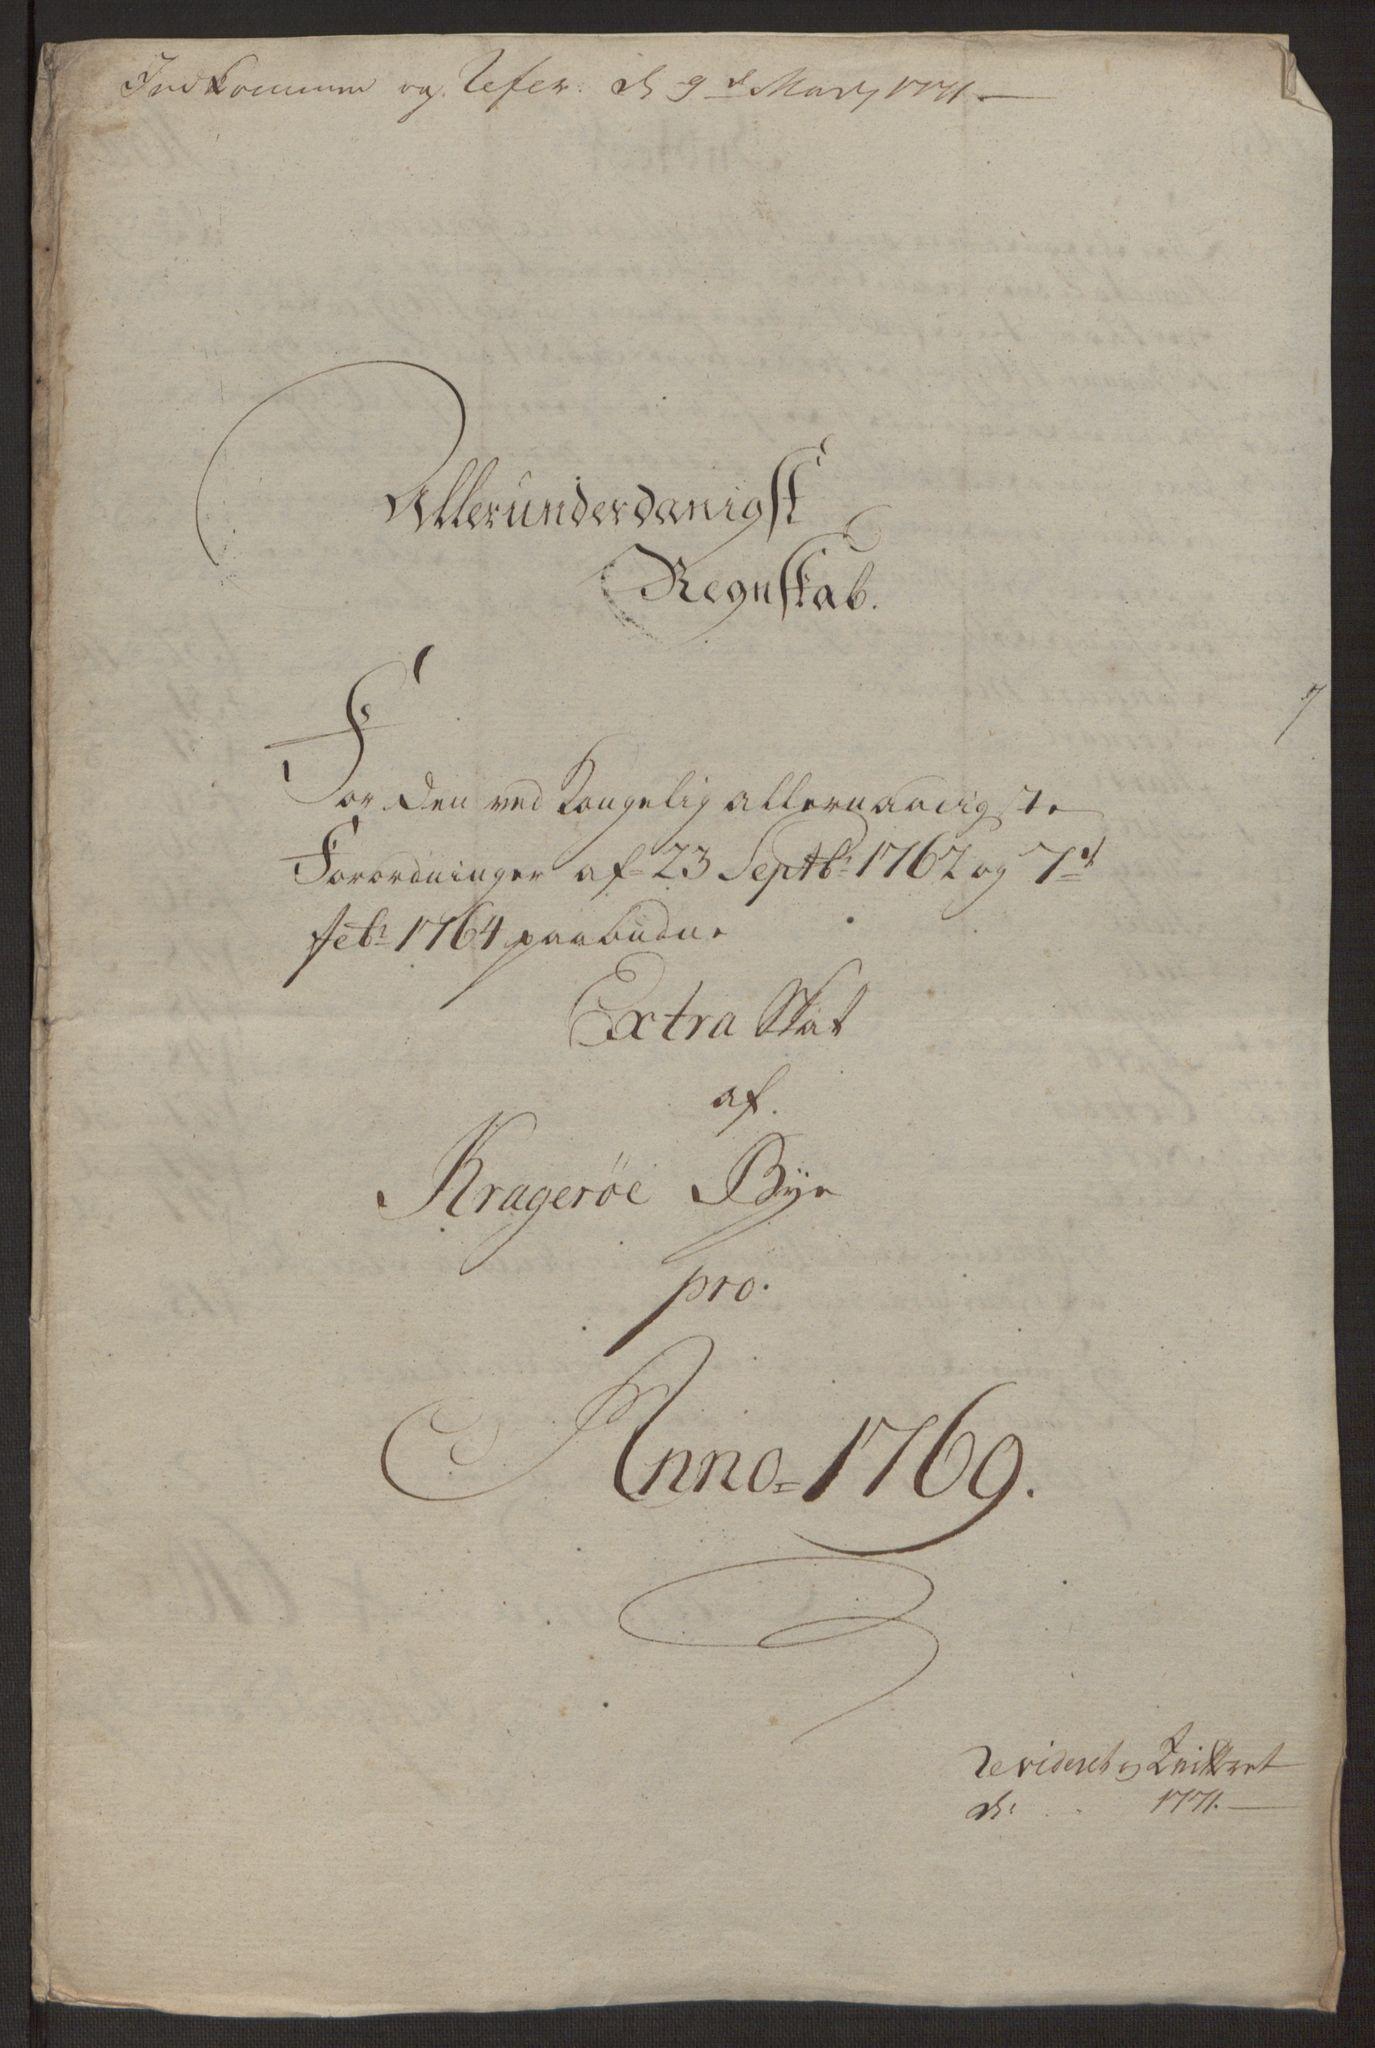 RA, Rentekammeret inntil 1814, Reviderte regnskaper, Byregnskaper, R/Rk/L0218: [K2] Kontribusjonsregnskap, 1768-1772, s. 22